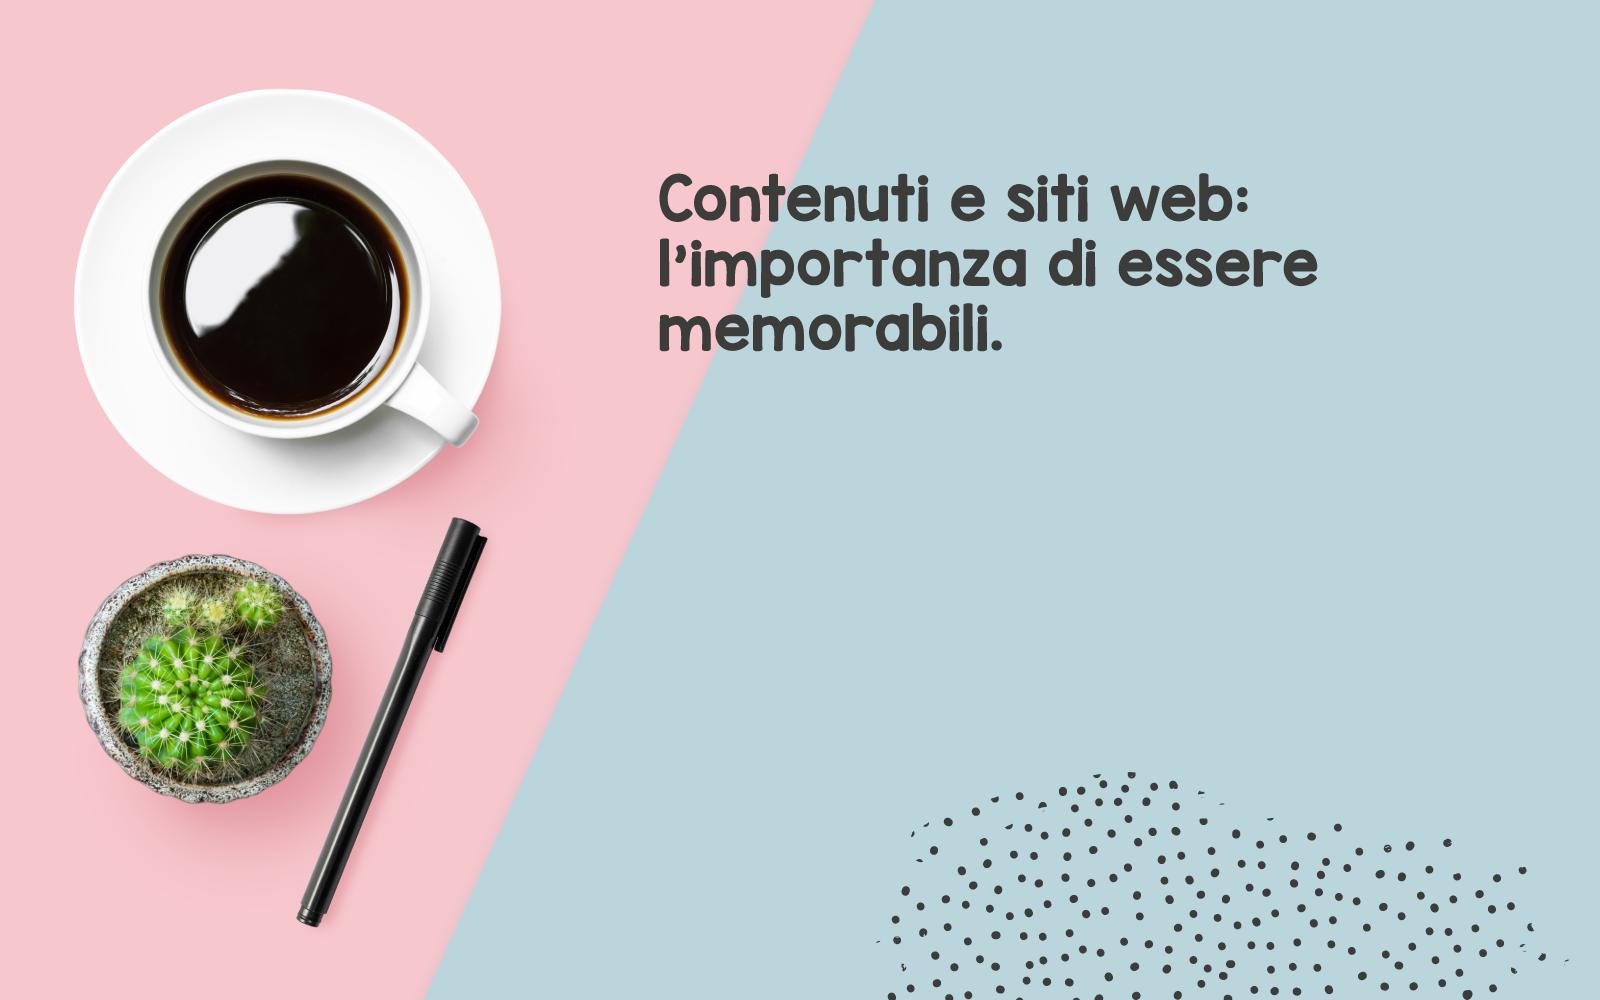 Contenuti-e-siti-web-1